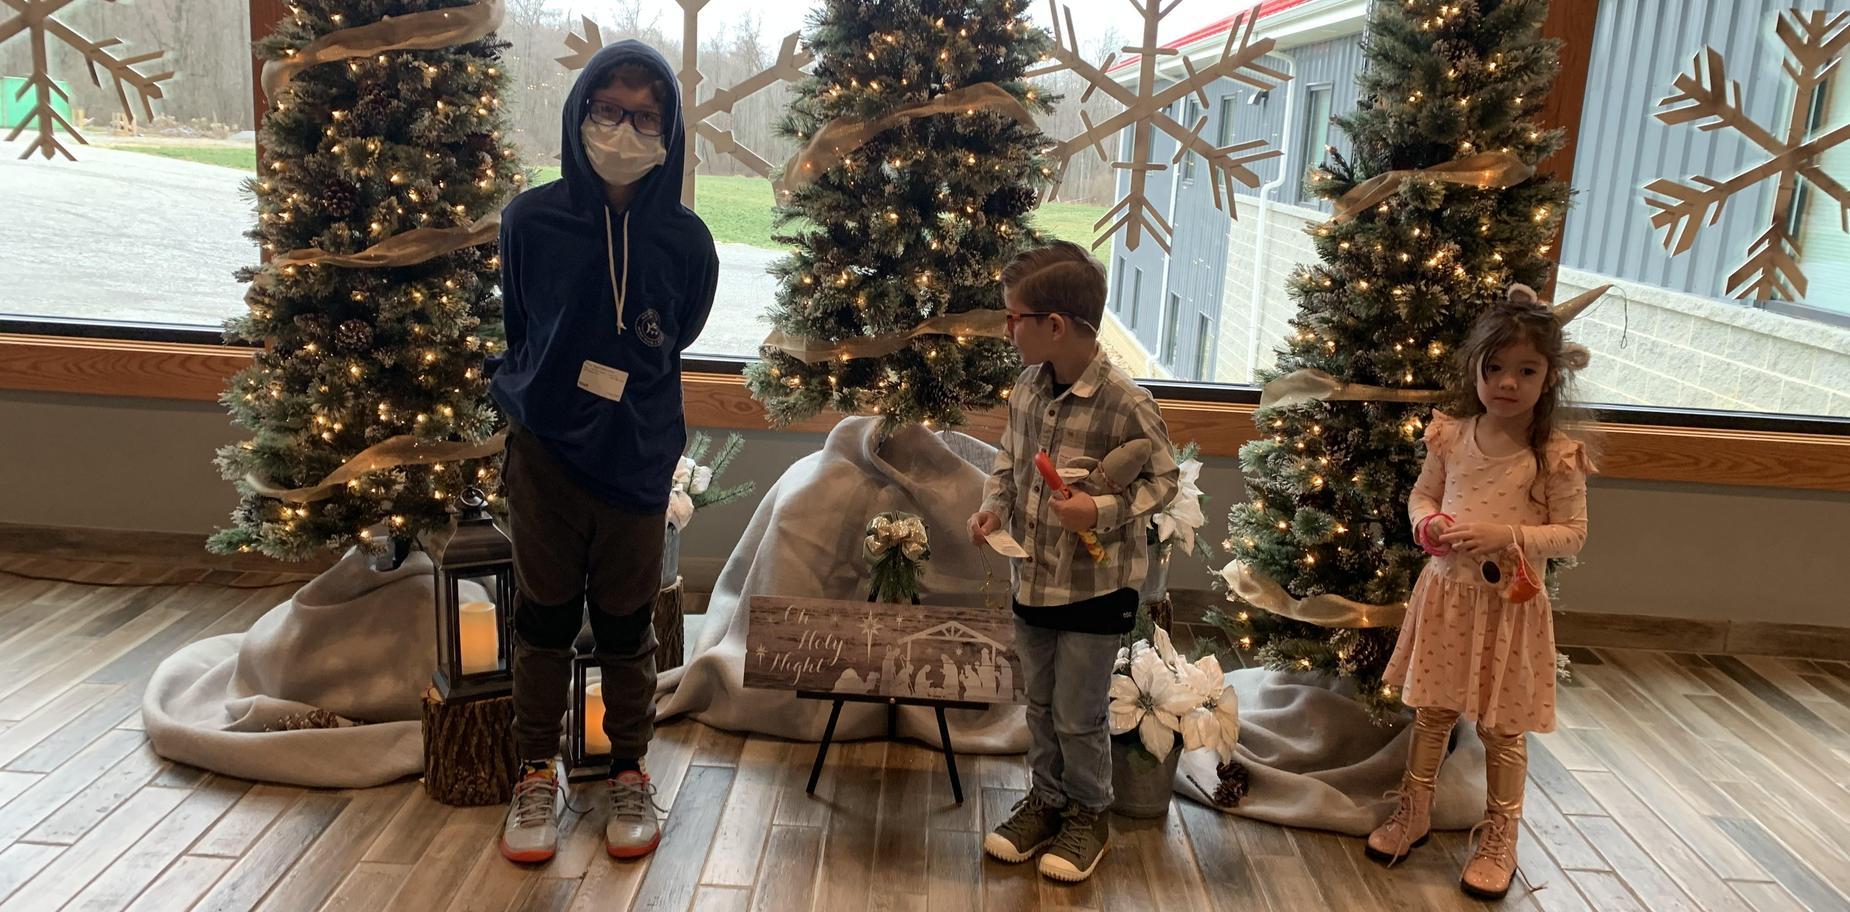 Children in holiday attire.